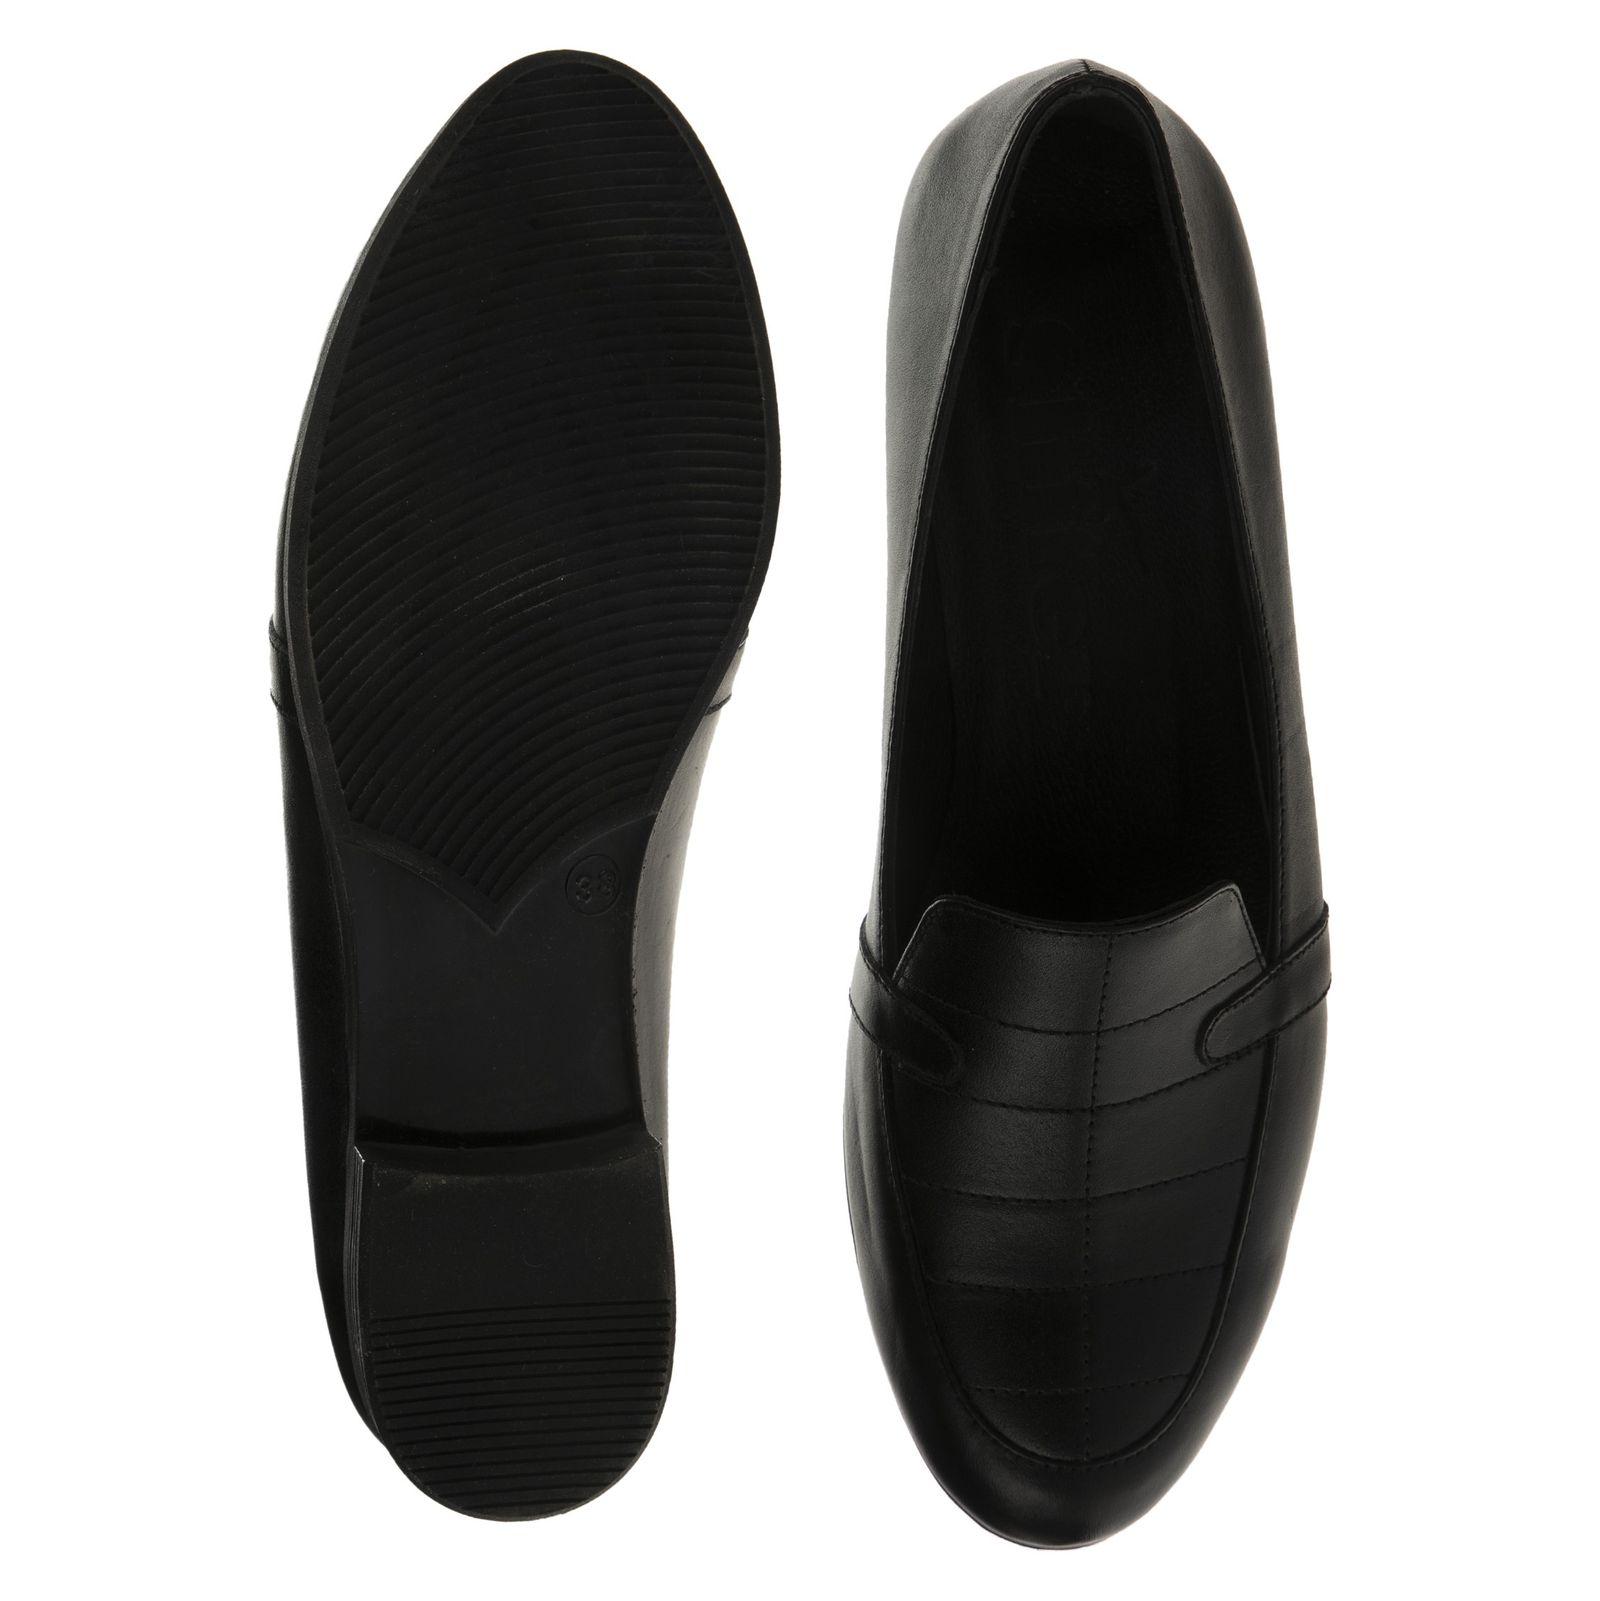 کفش زنانه شیفر مدل 5263A-101 -  - 4